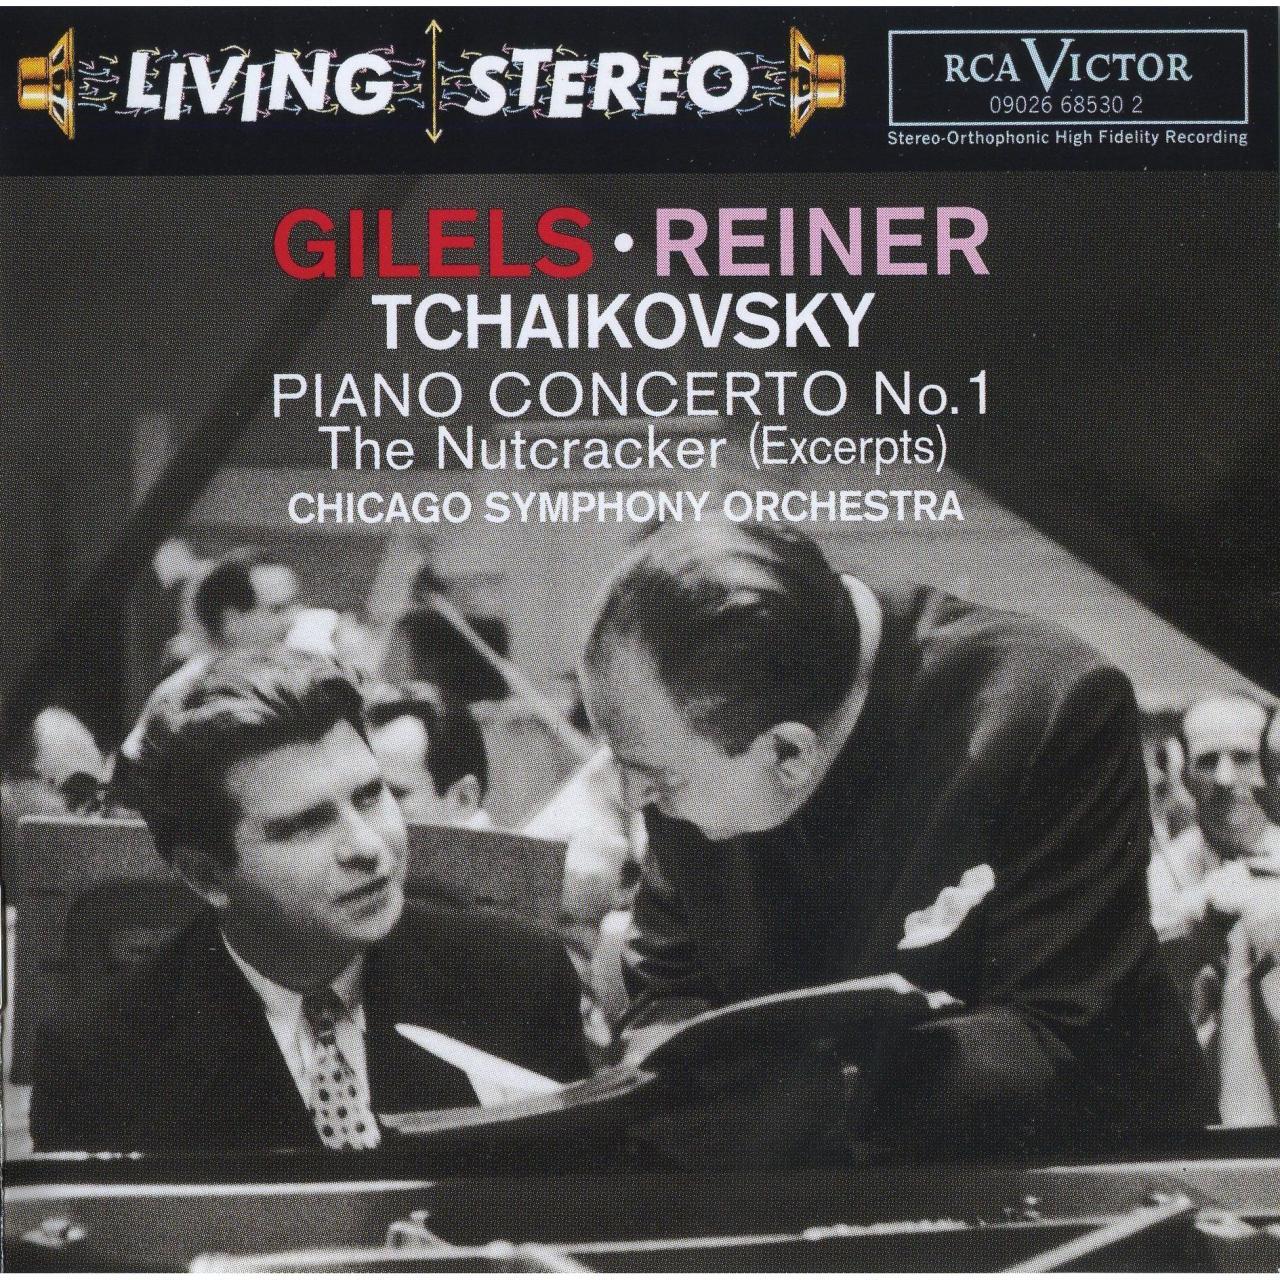 """""""充满生命的活力,欢乐而热烈"""" 柴科夫斯基:b小调《第一钢琴协奏曲》"""